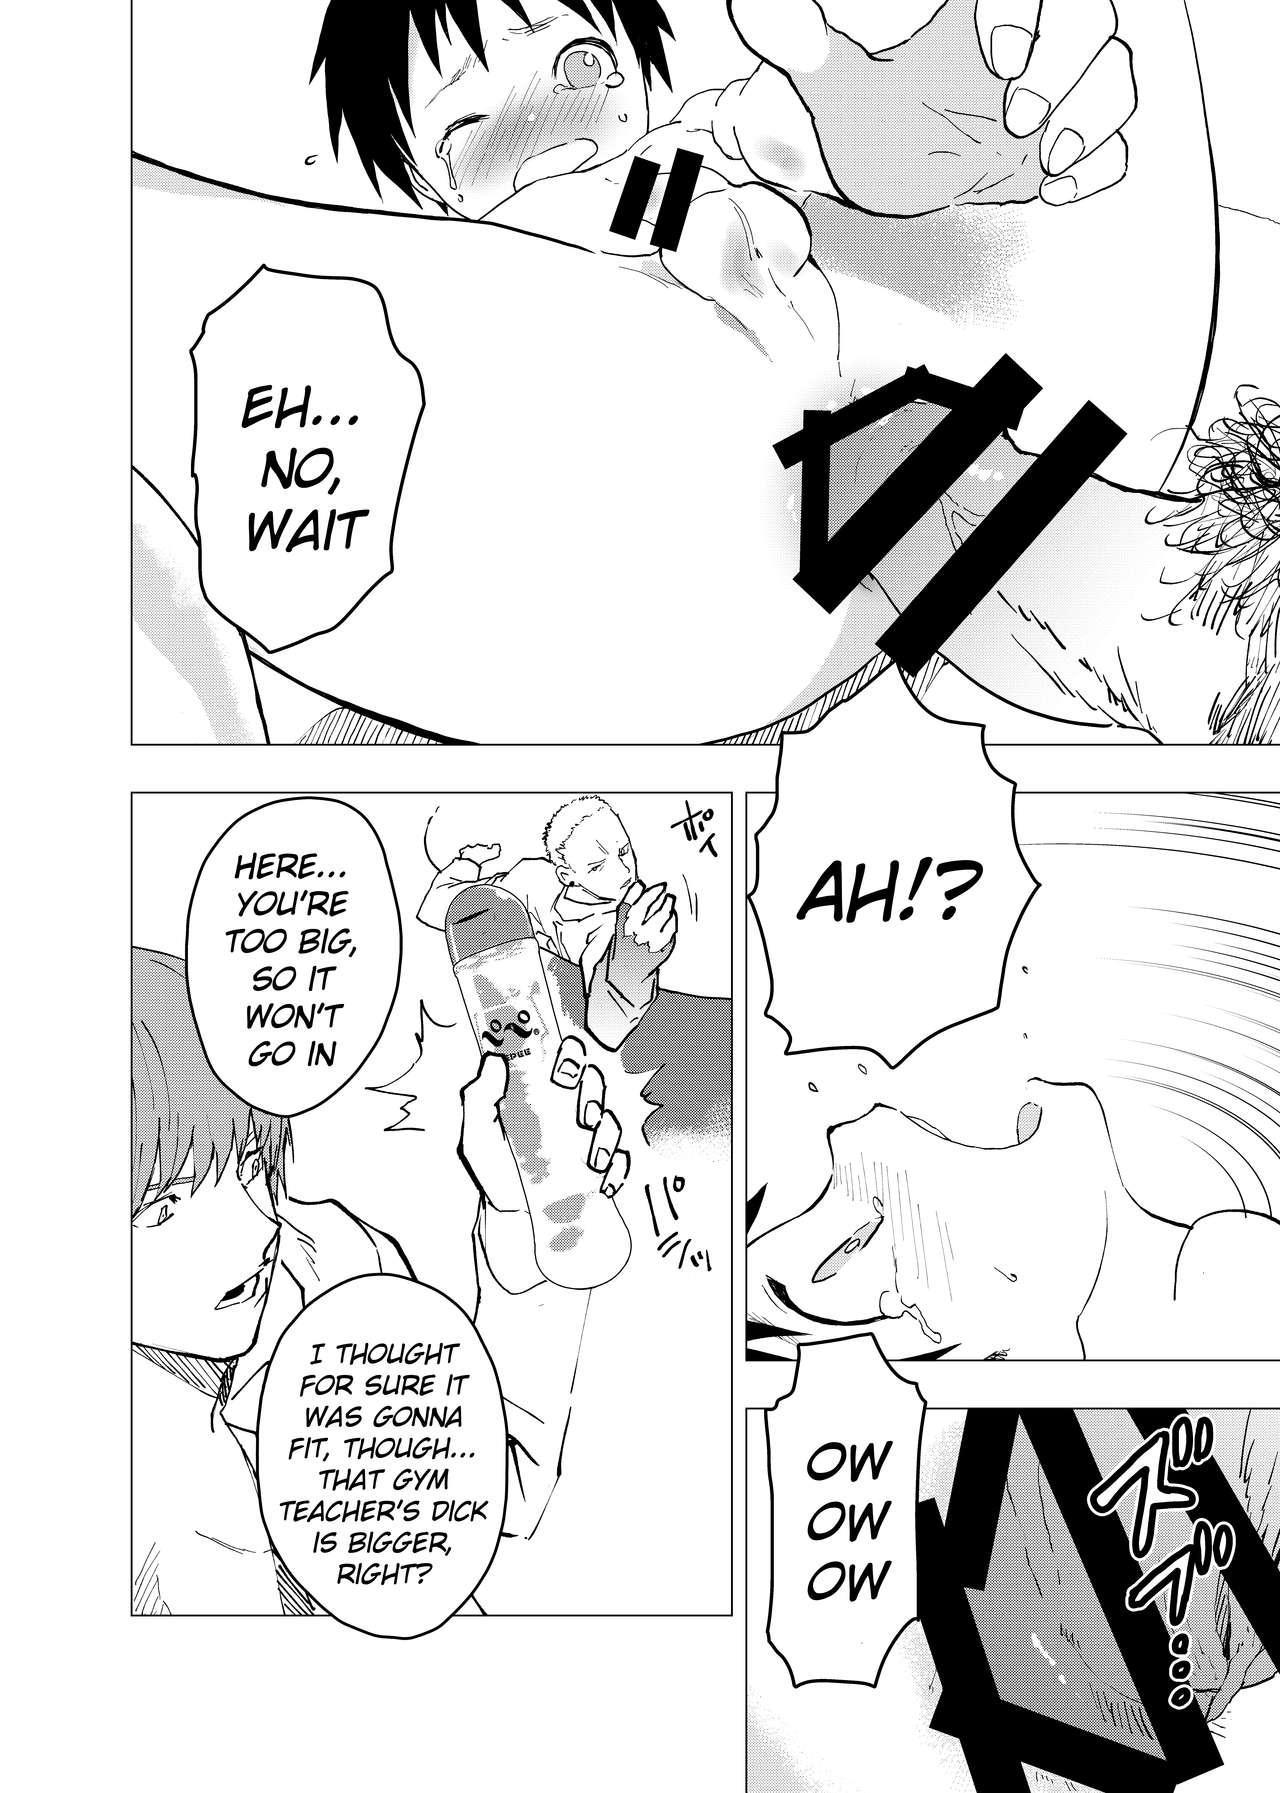 Ibasho ga Nai node Kamimachi shite mita Suterareta Shounen no Ero Manga   A Dirty Manga About a Boy Who Got Abandoned and Is Waiting for Someone To Save Him Ch. 5 25